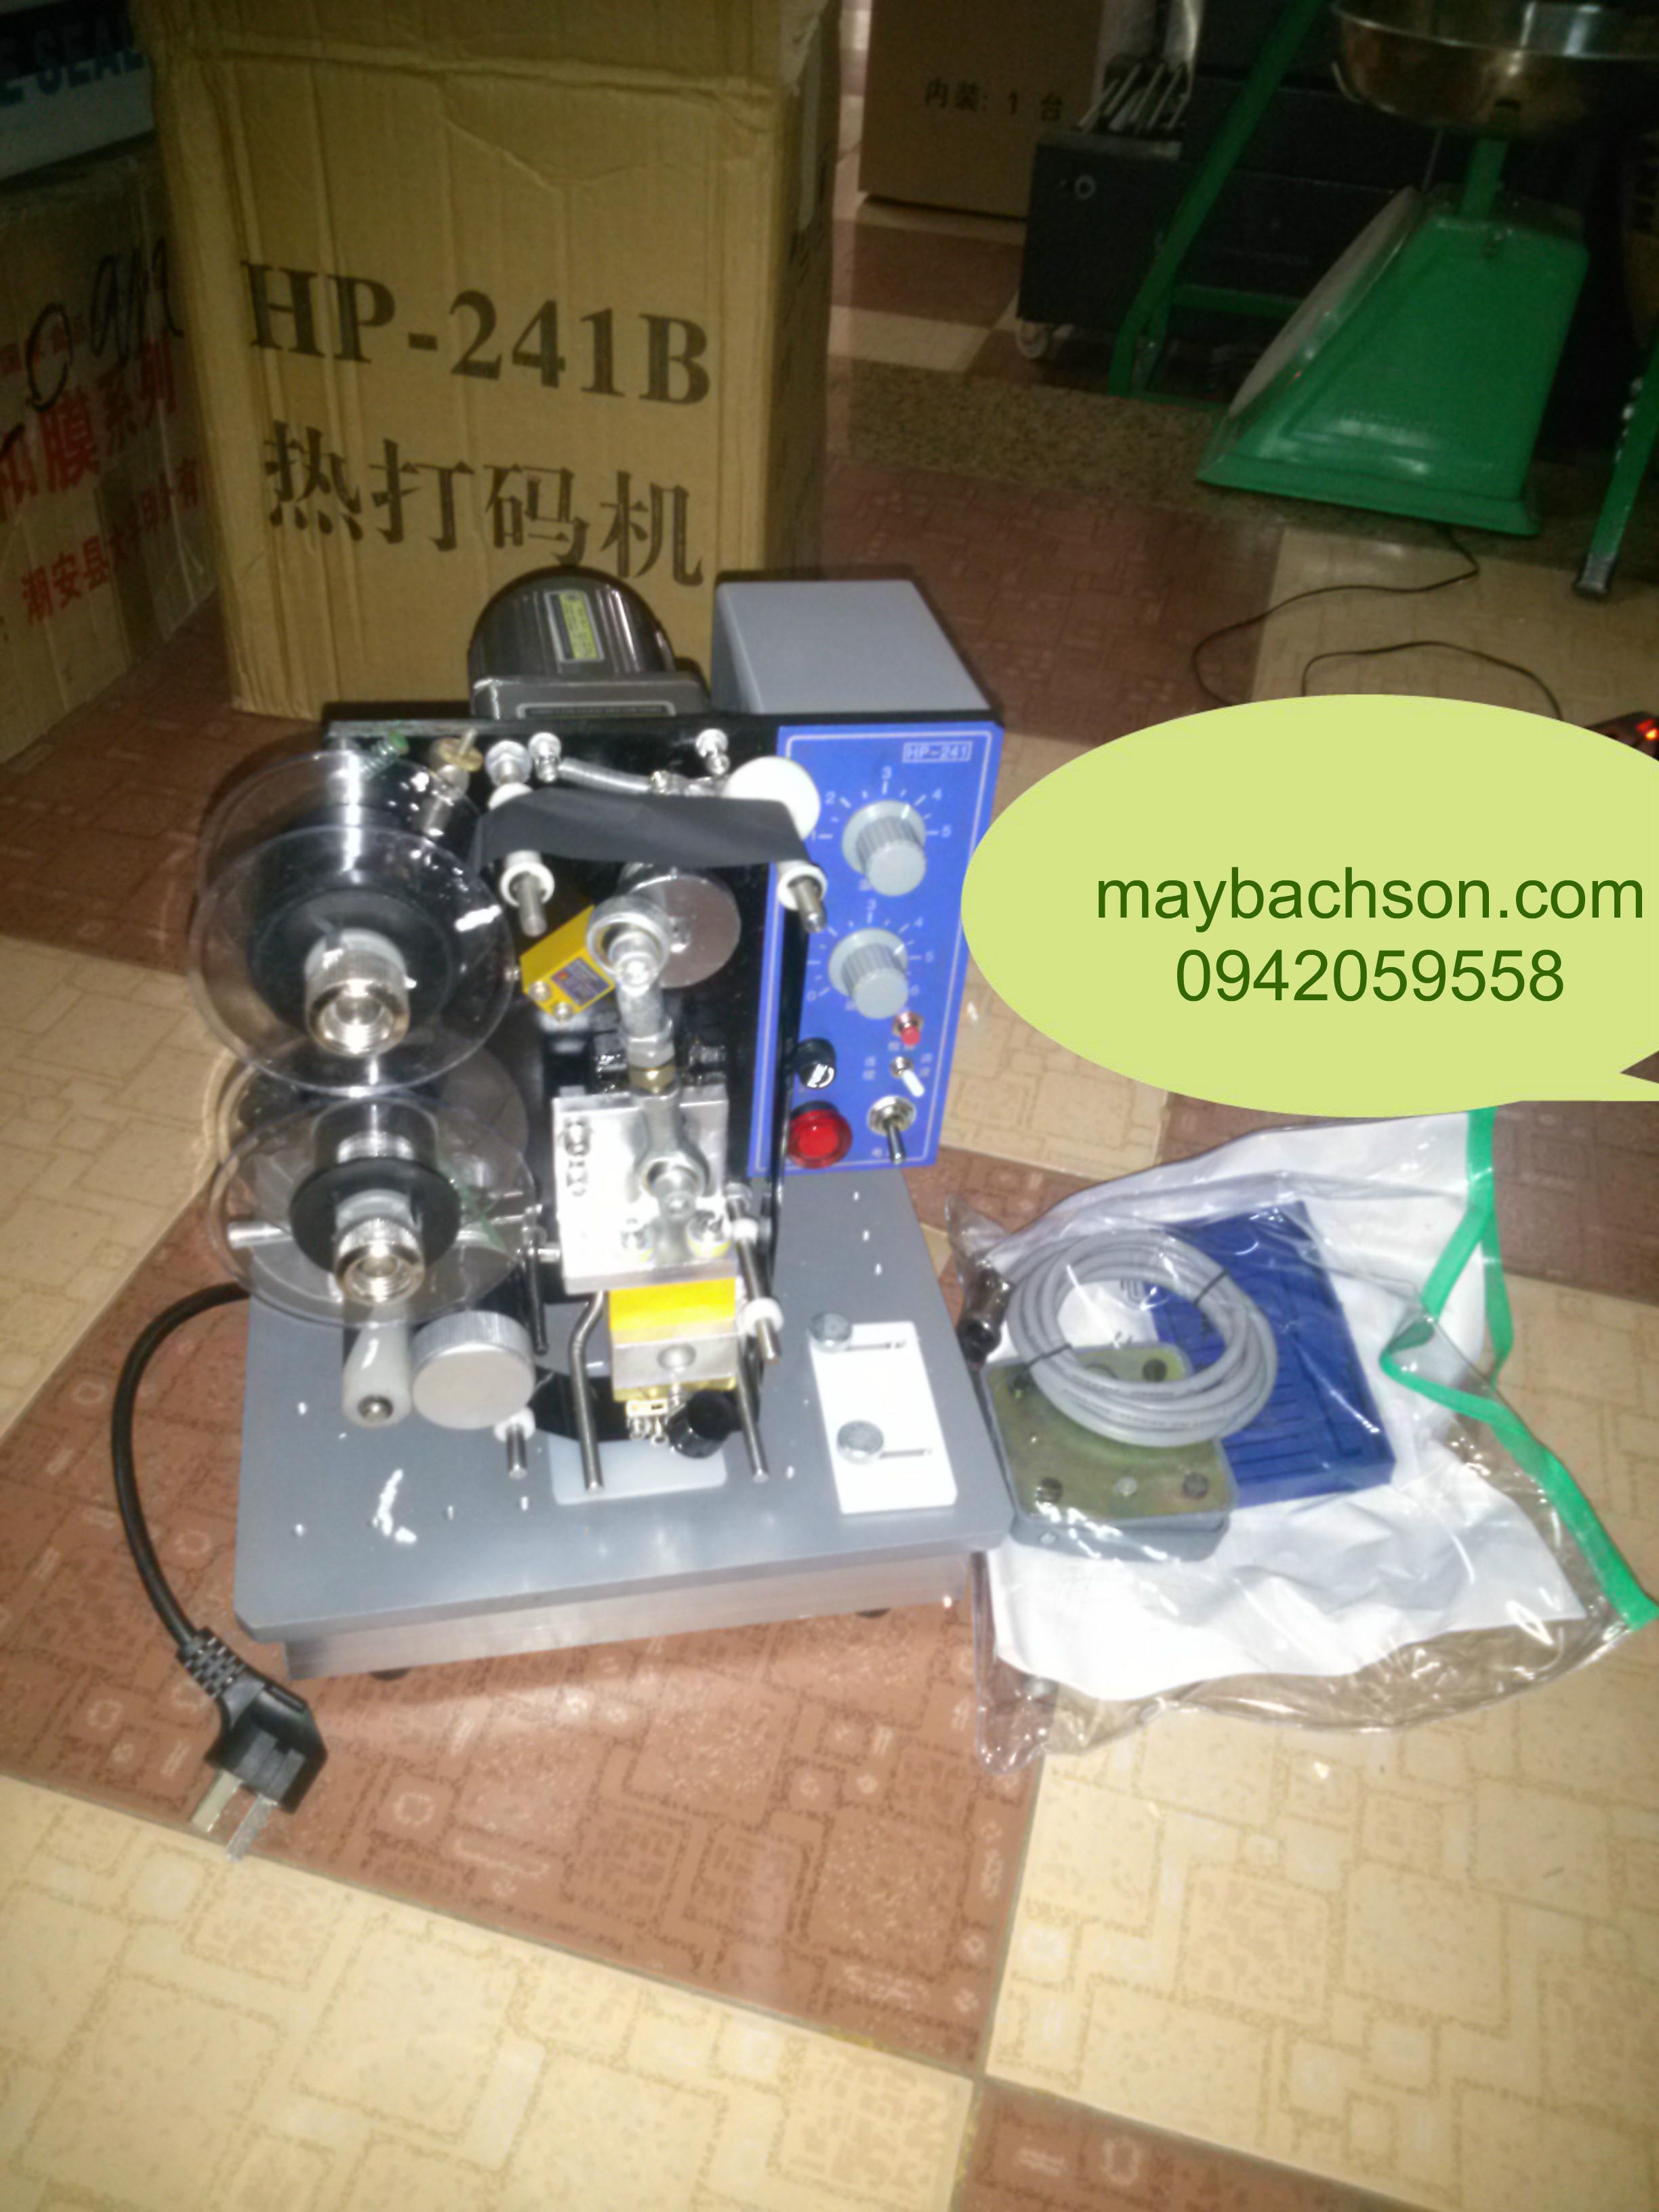 Máy in date trên nilon, nhãn mác, máy in date HP 241